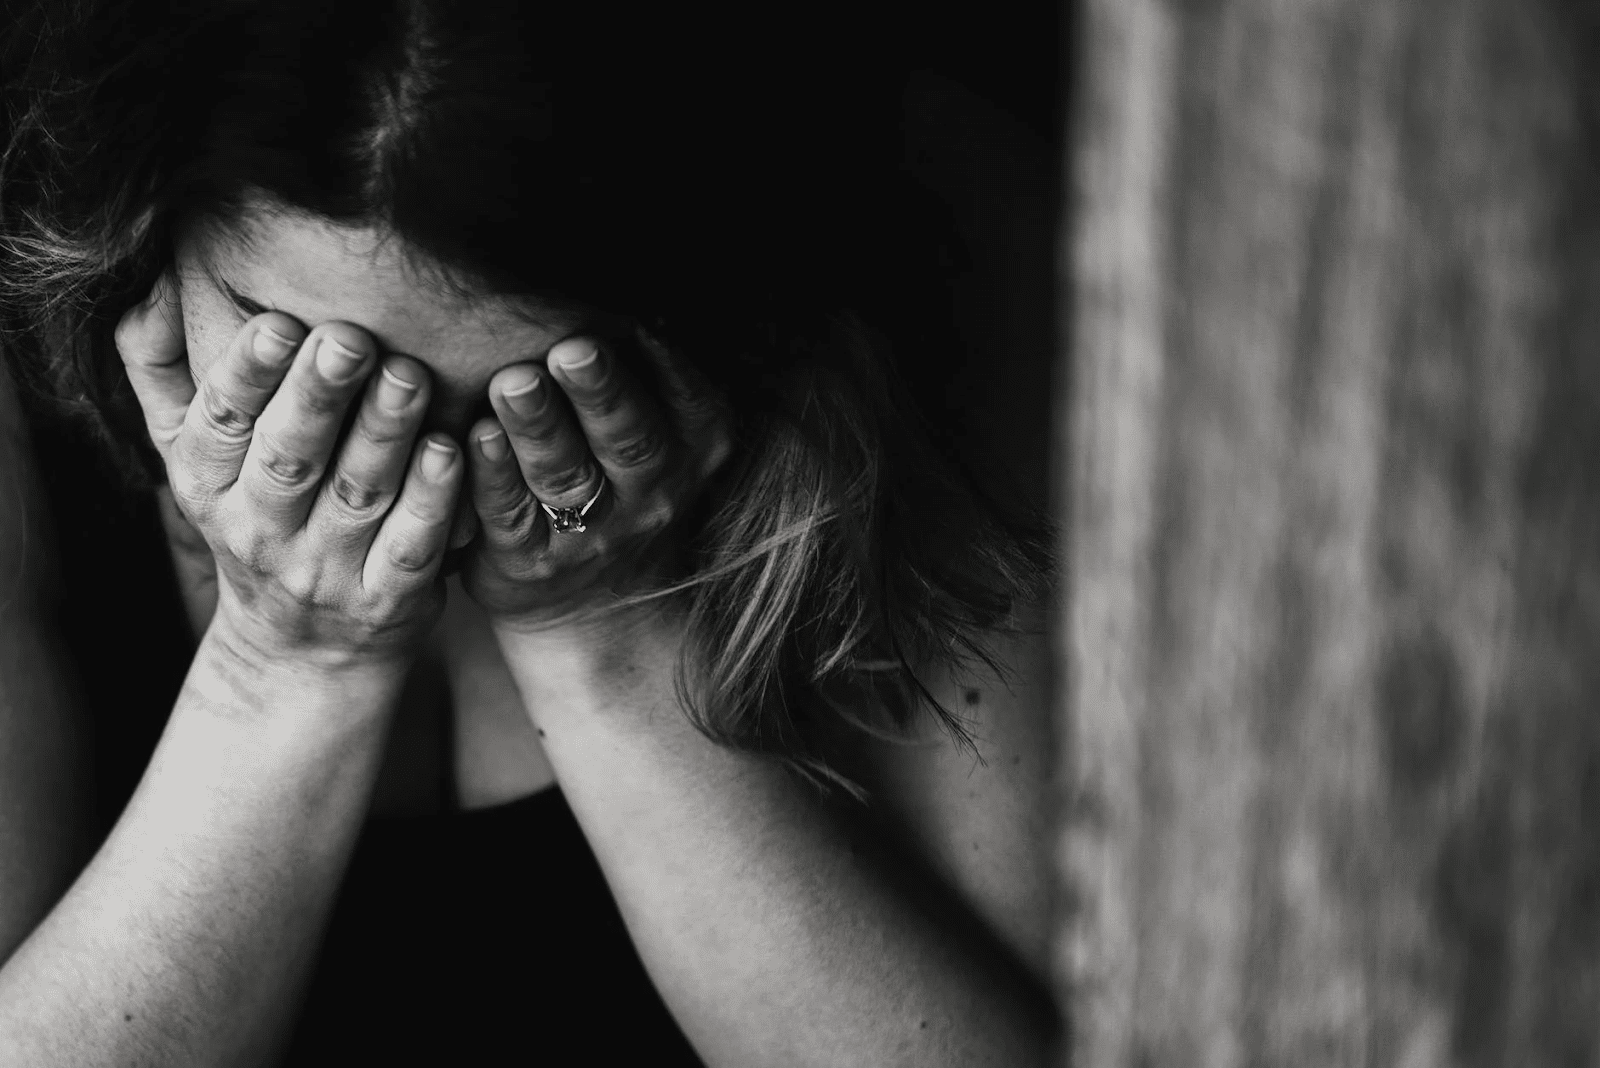 Žena koja pati od posledica zloupotrebe fentanila.